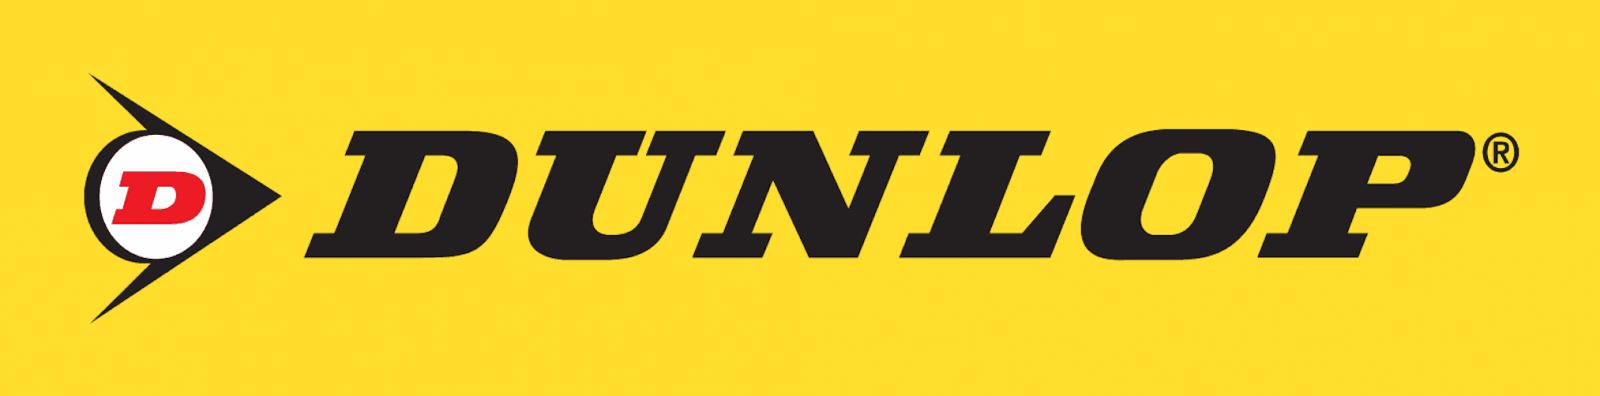 Logotipo de Dunlop